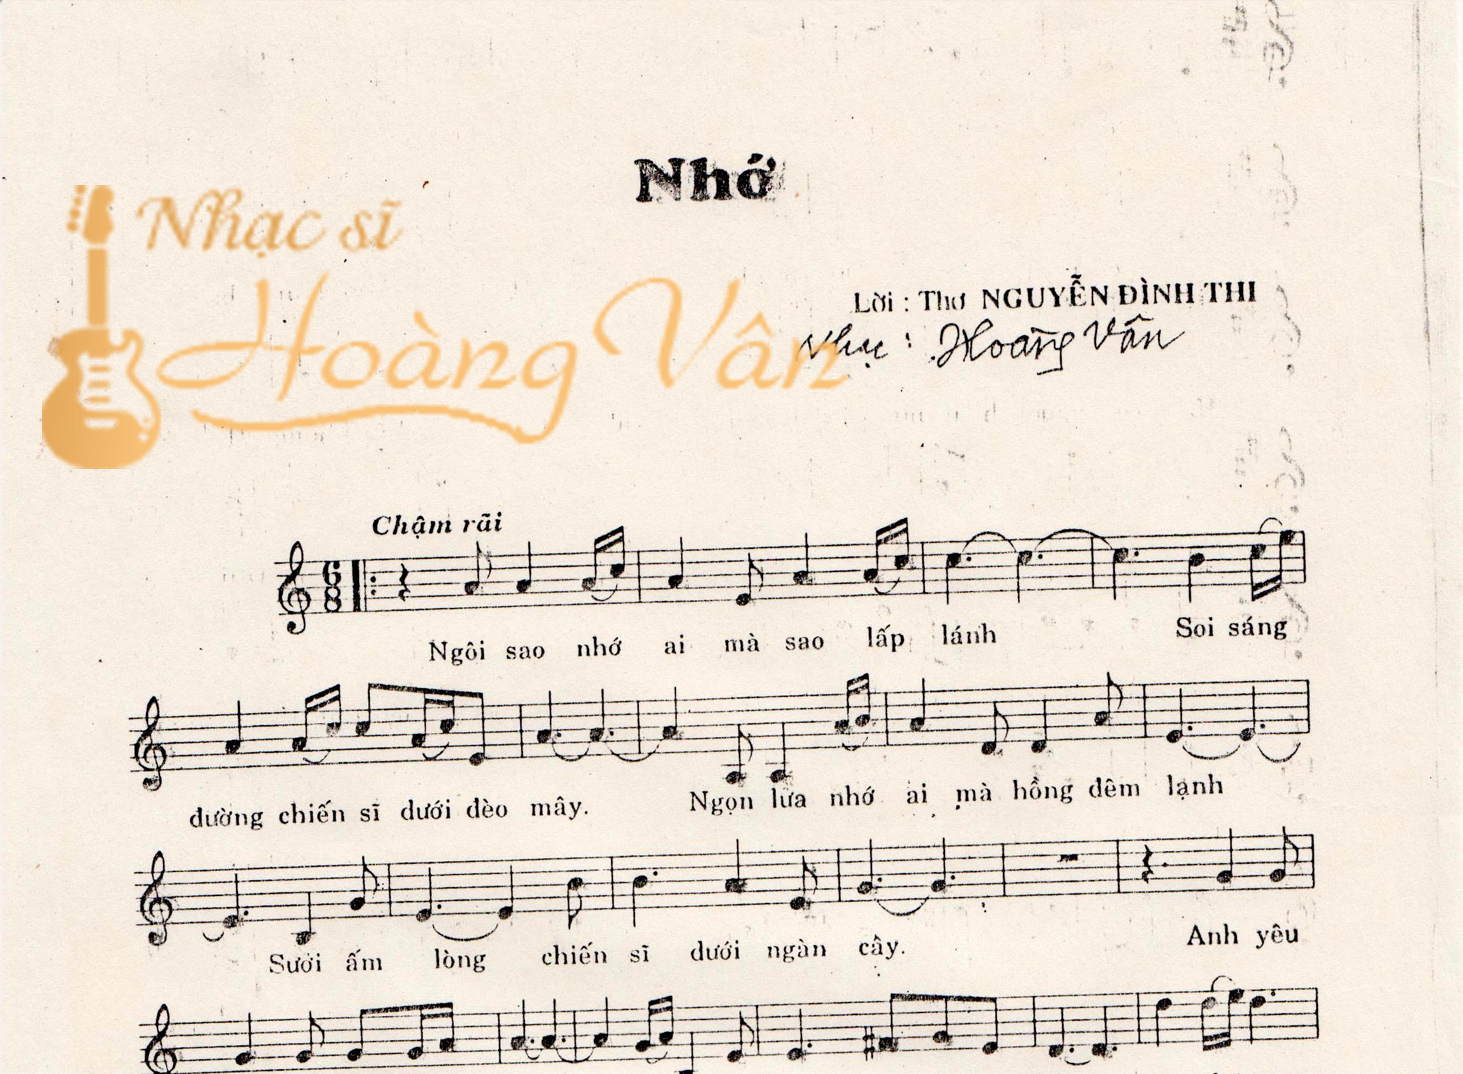 Nhớ (thơ Nguyễn Đình Thi)